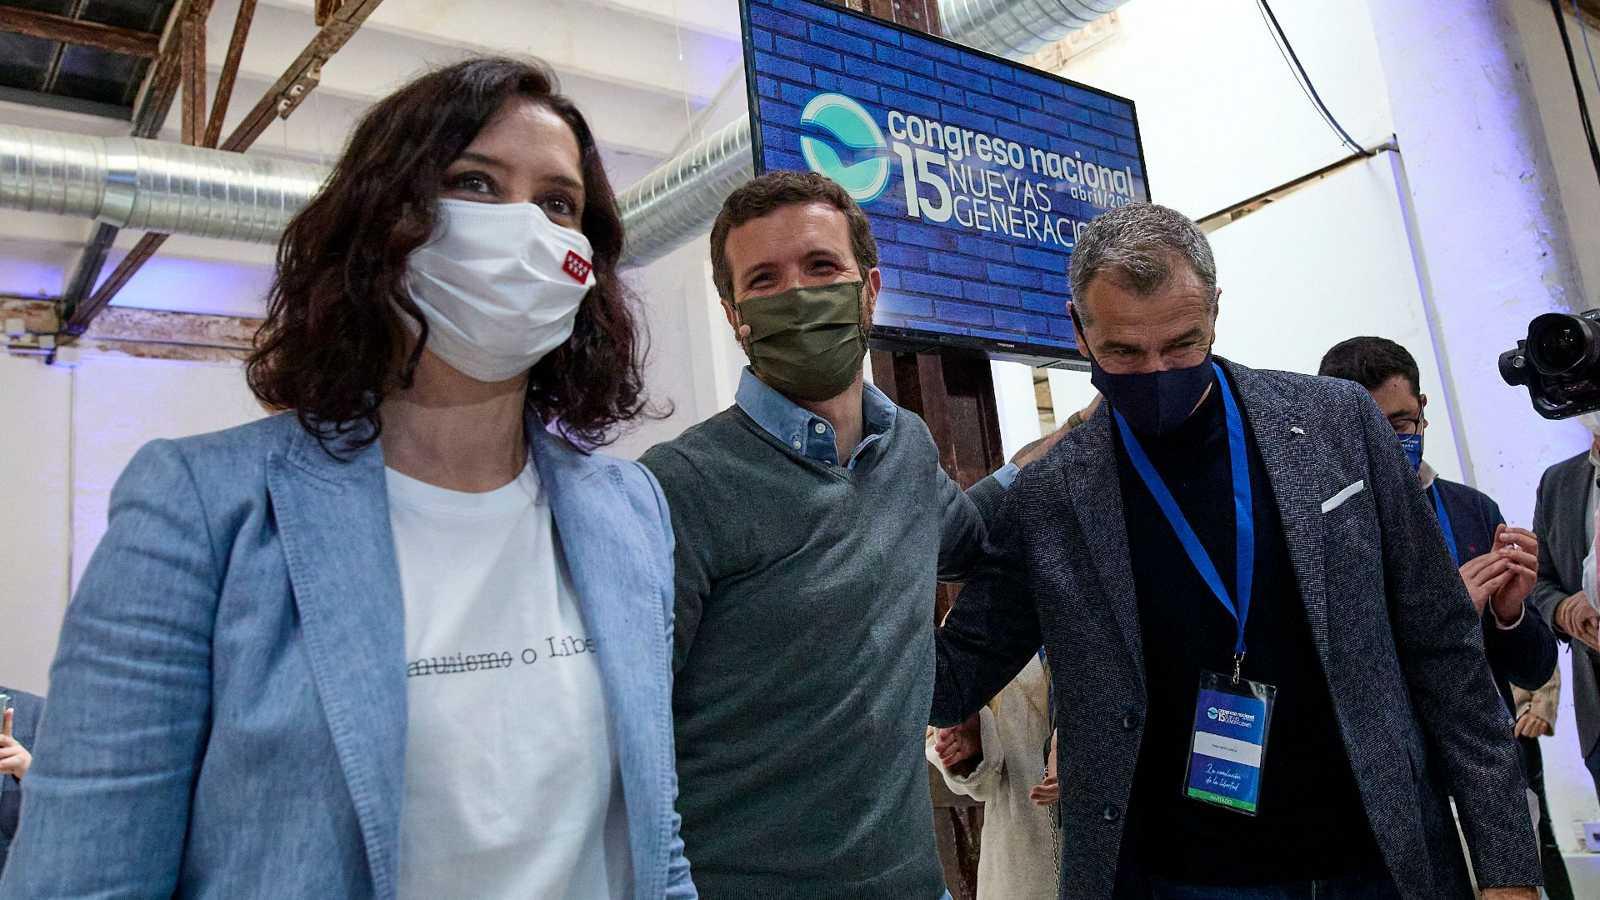 Los líderes nacionales arropan a los candidatos en Madrid